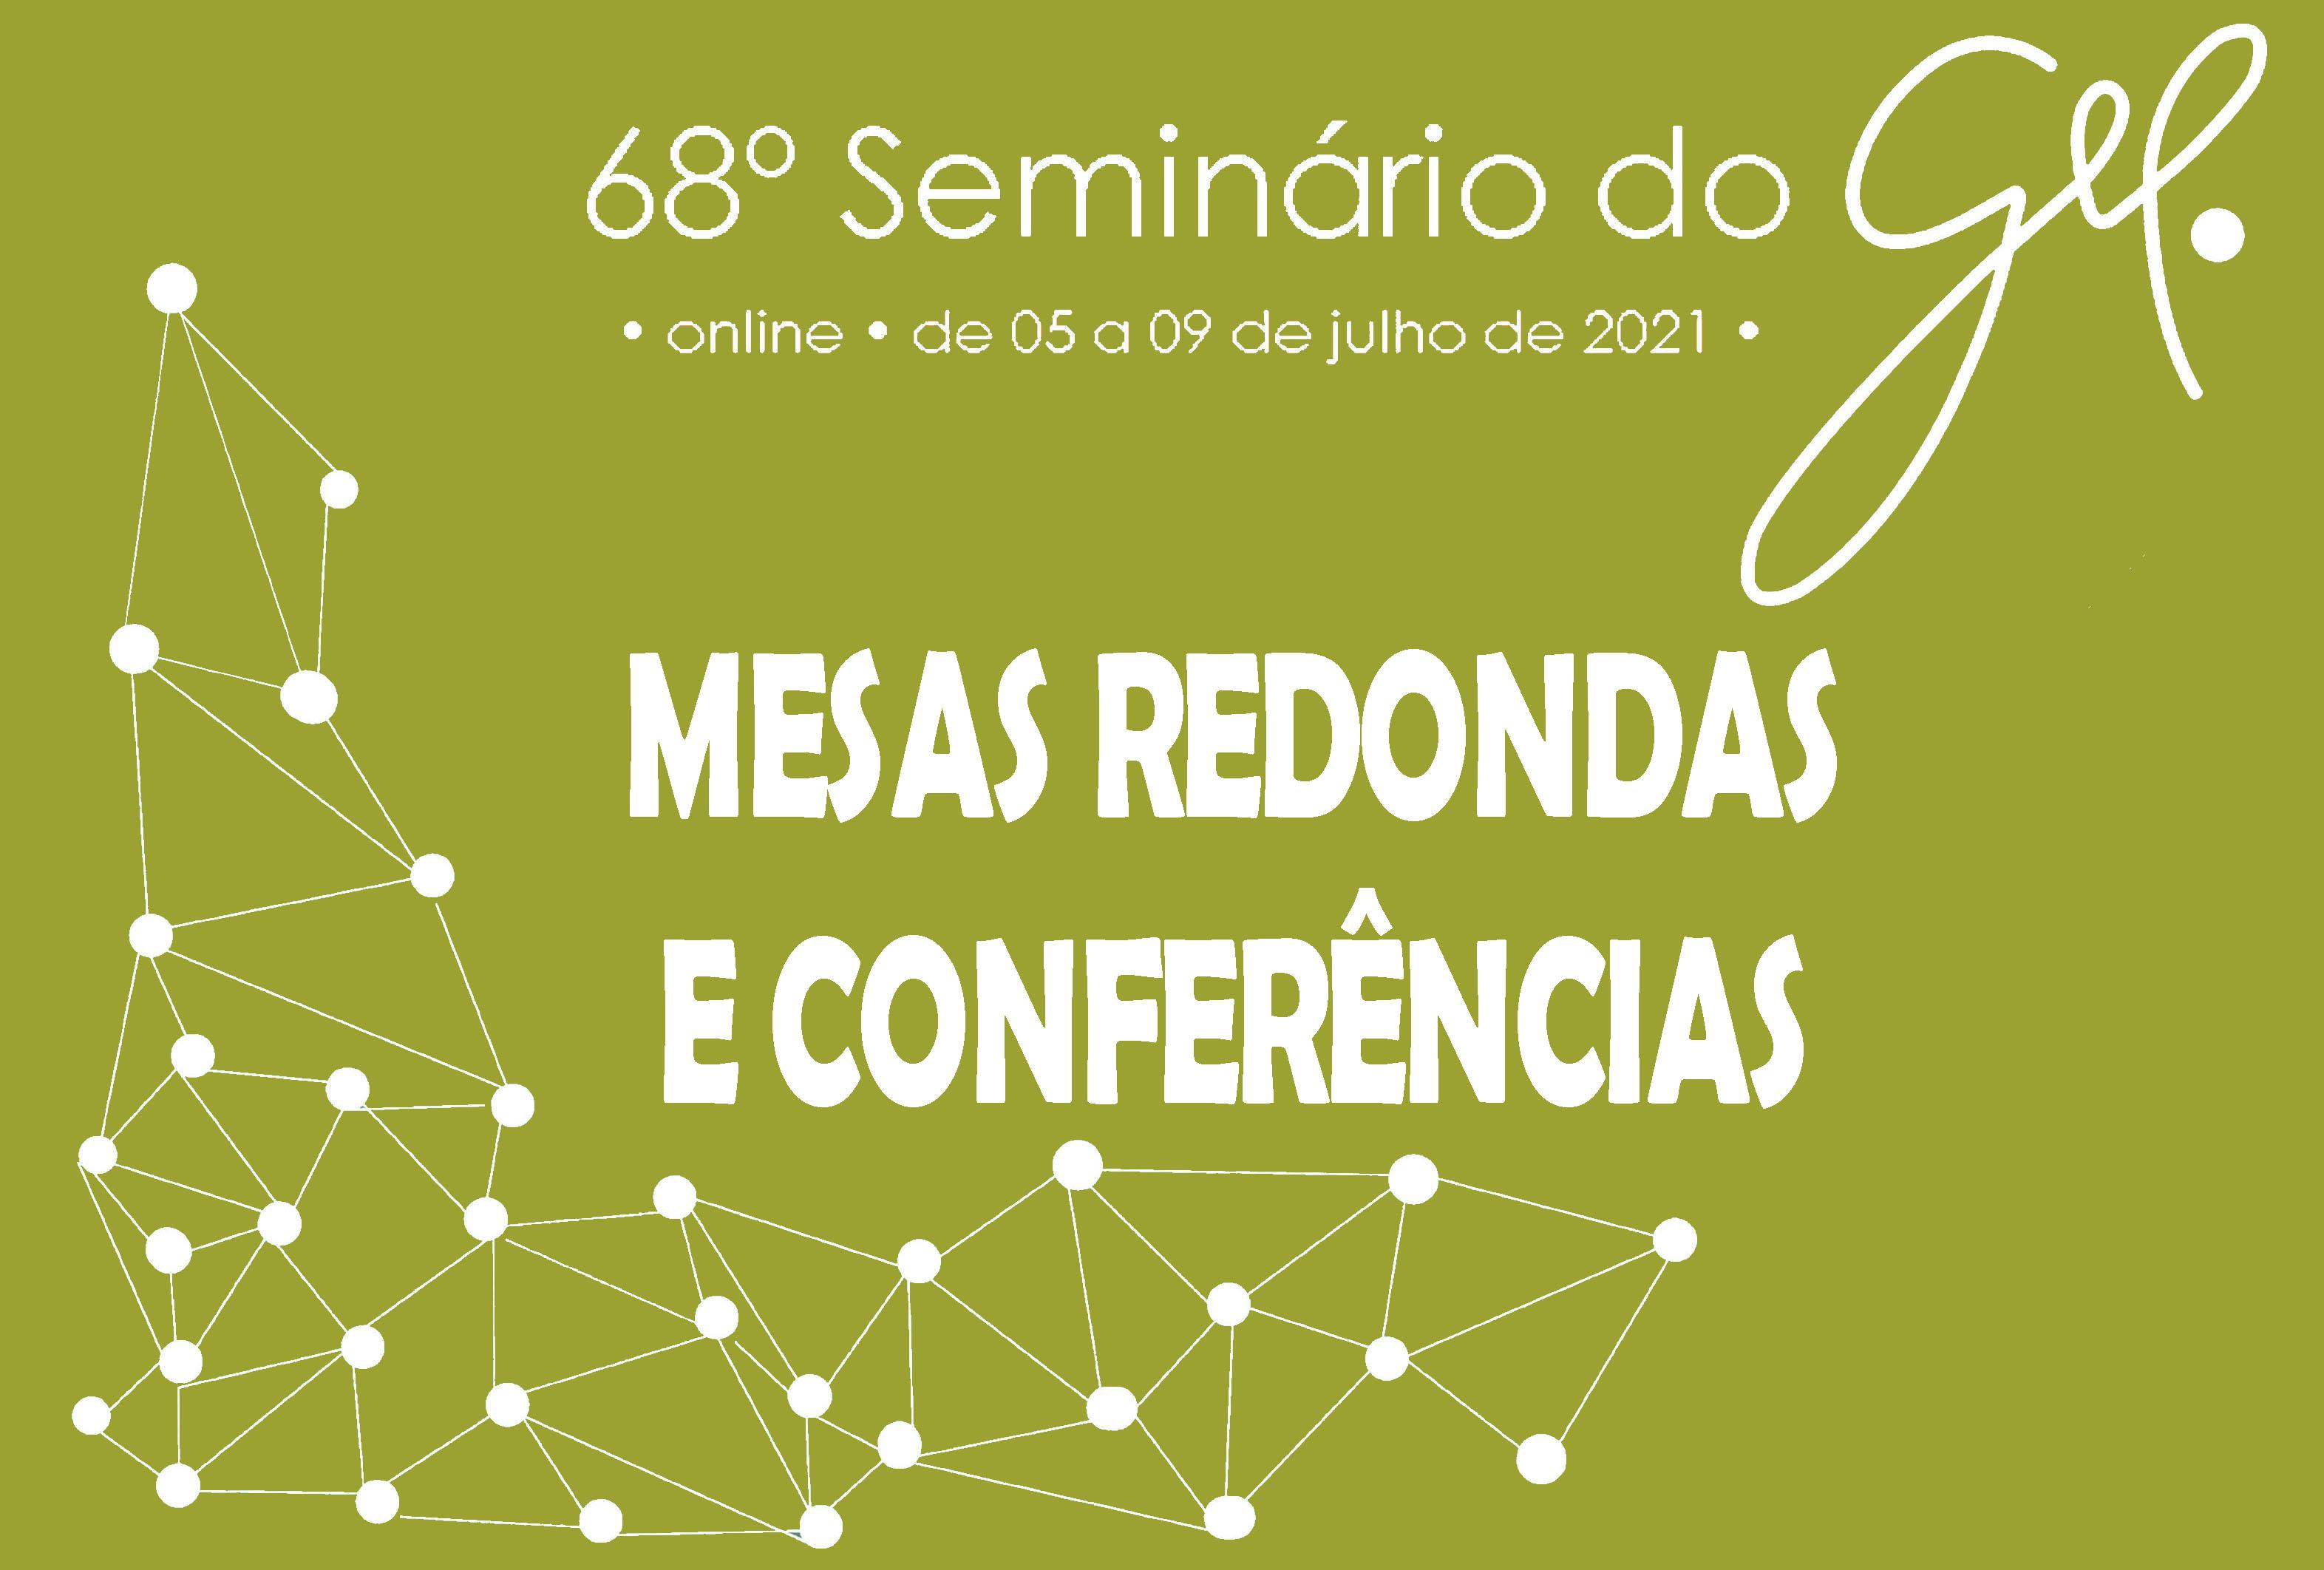 Mesas redondas e conferências